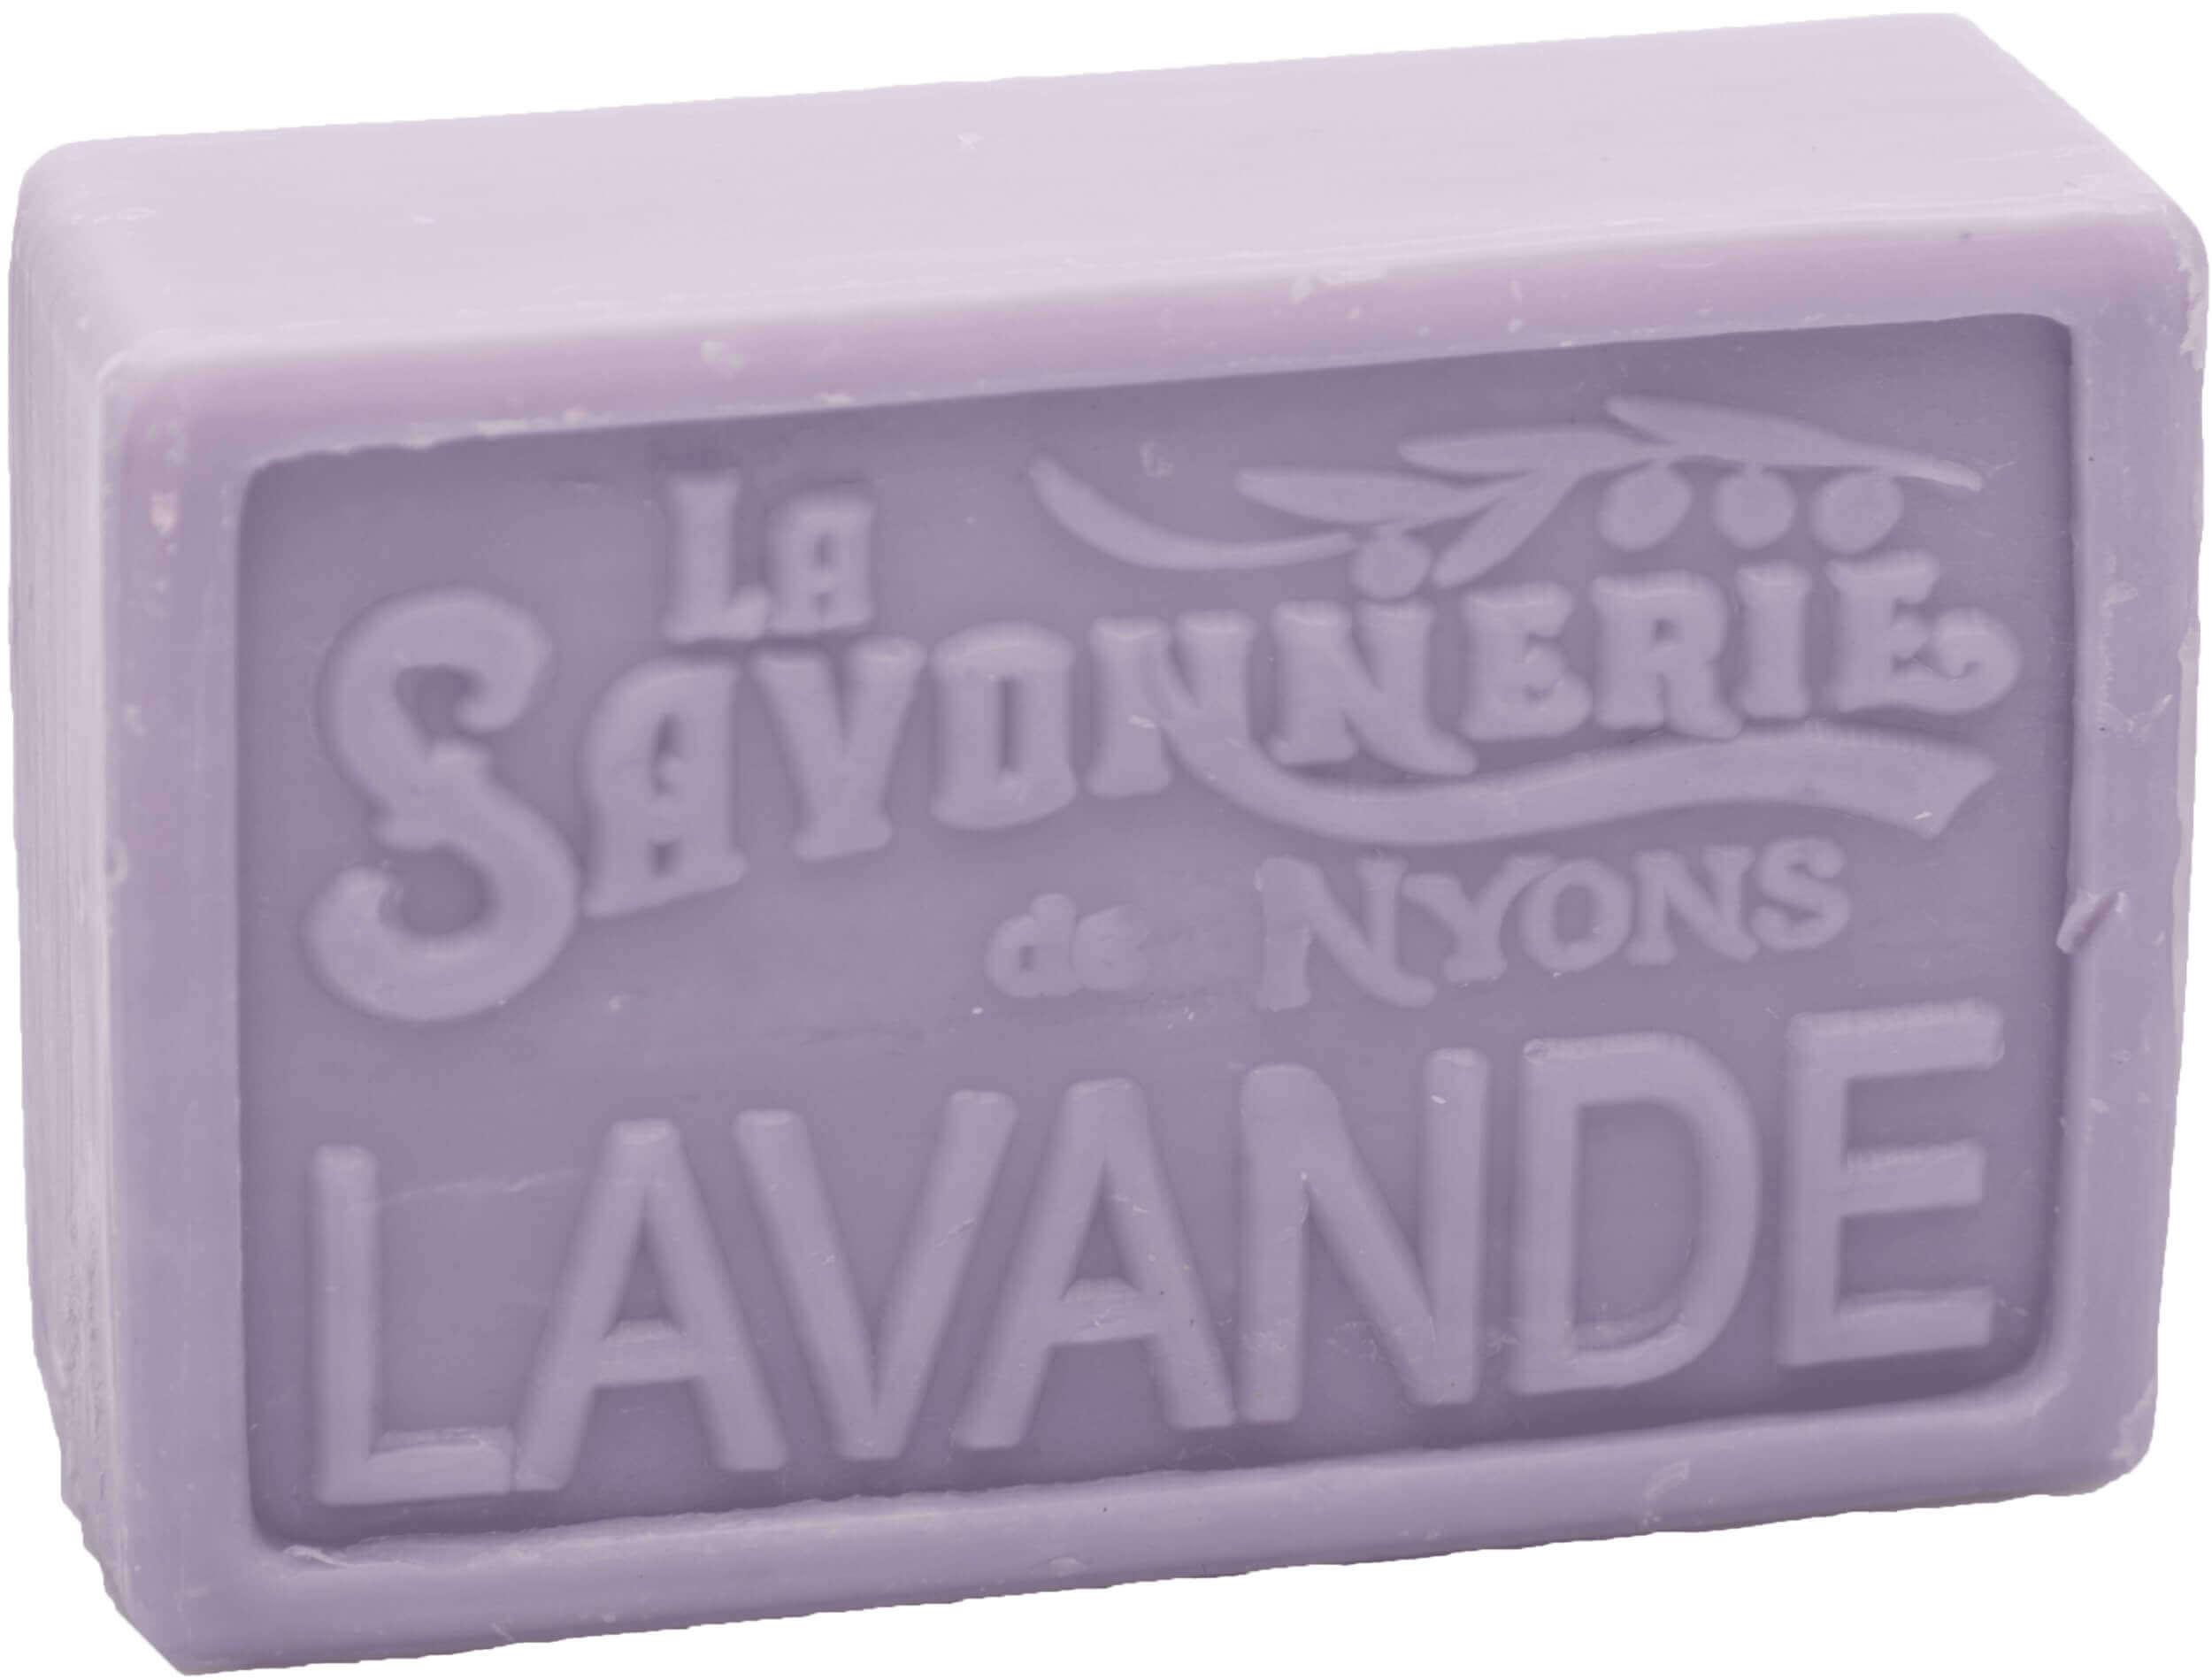 Seifen 100g - Lavendel